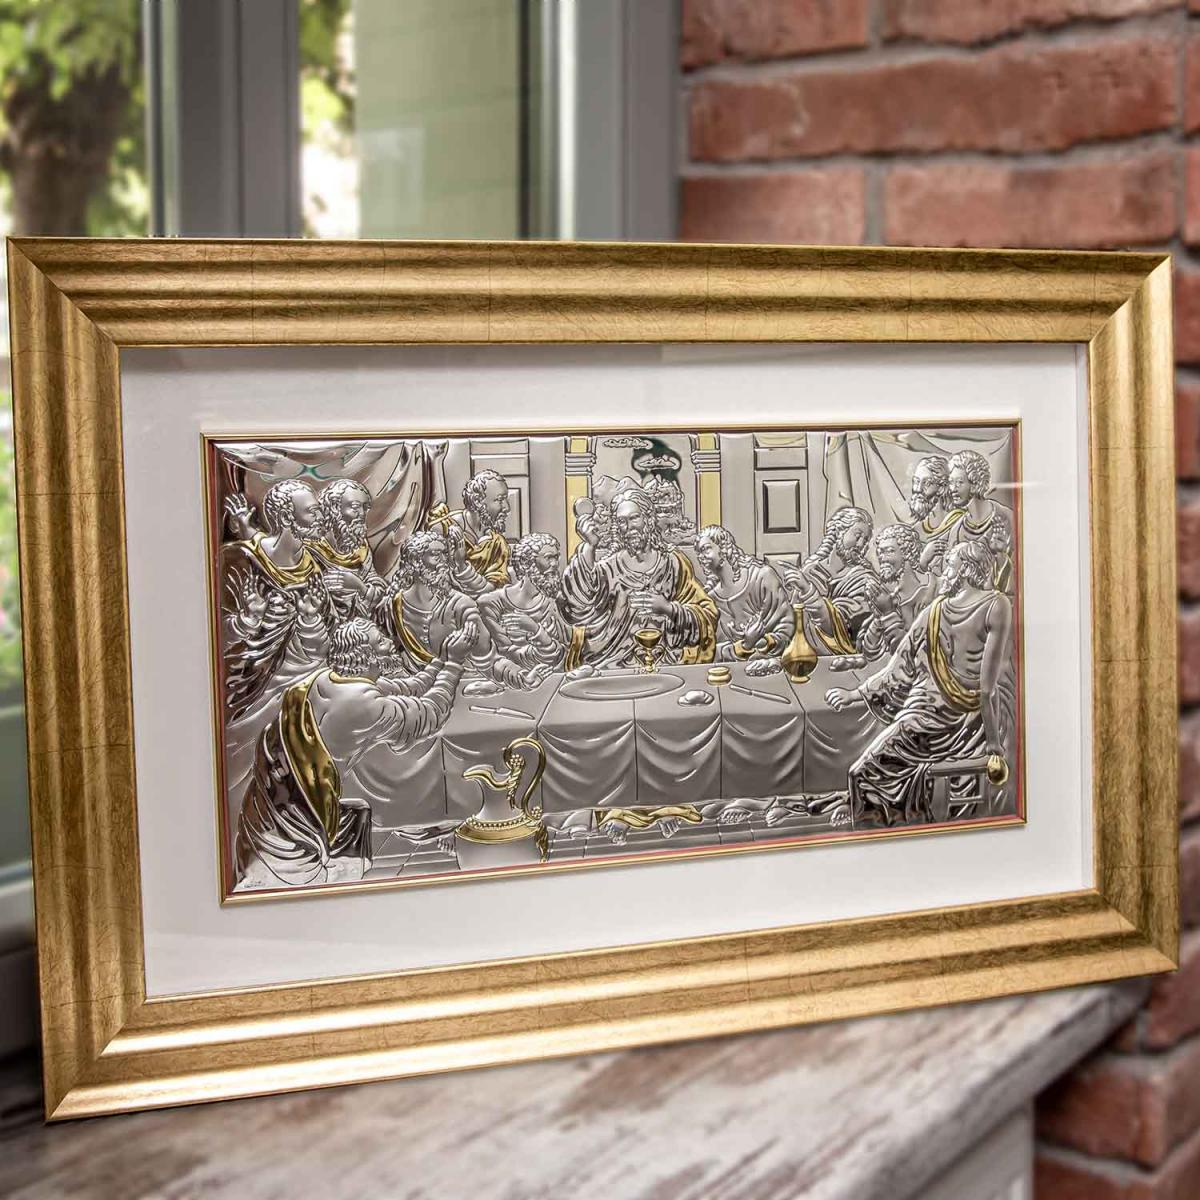 Ікона срібна під склом Тайна Вечеря (50х24.5 см) 81236/2LORO